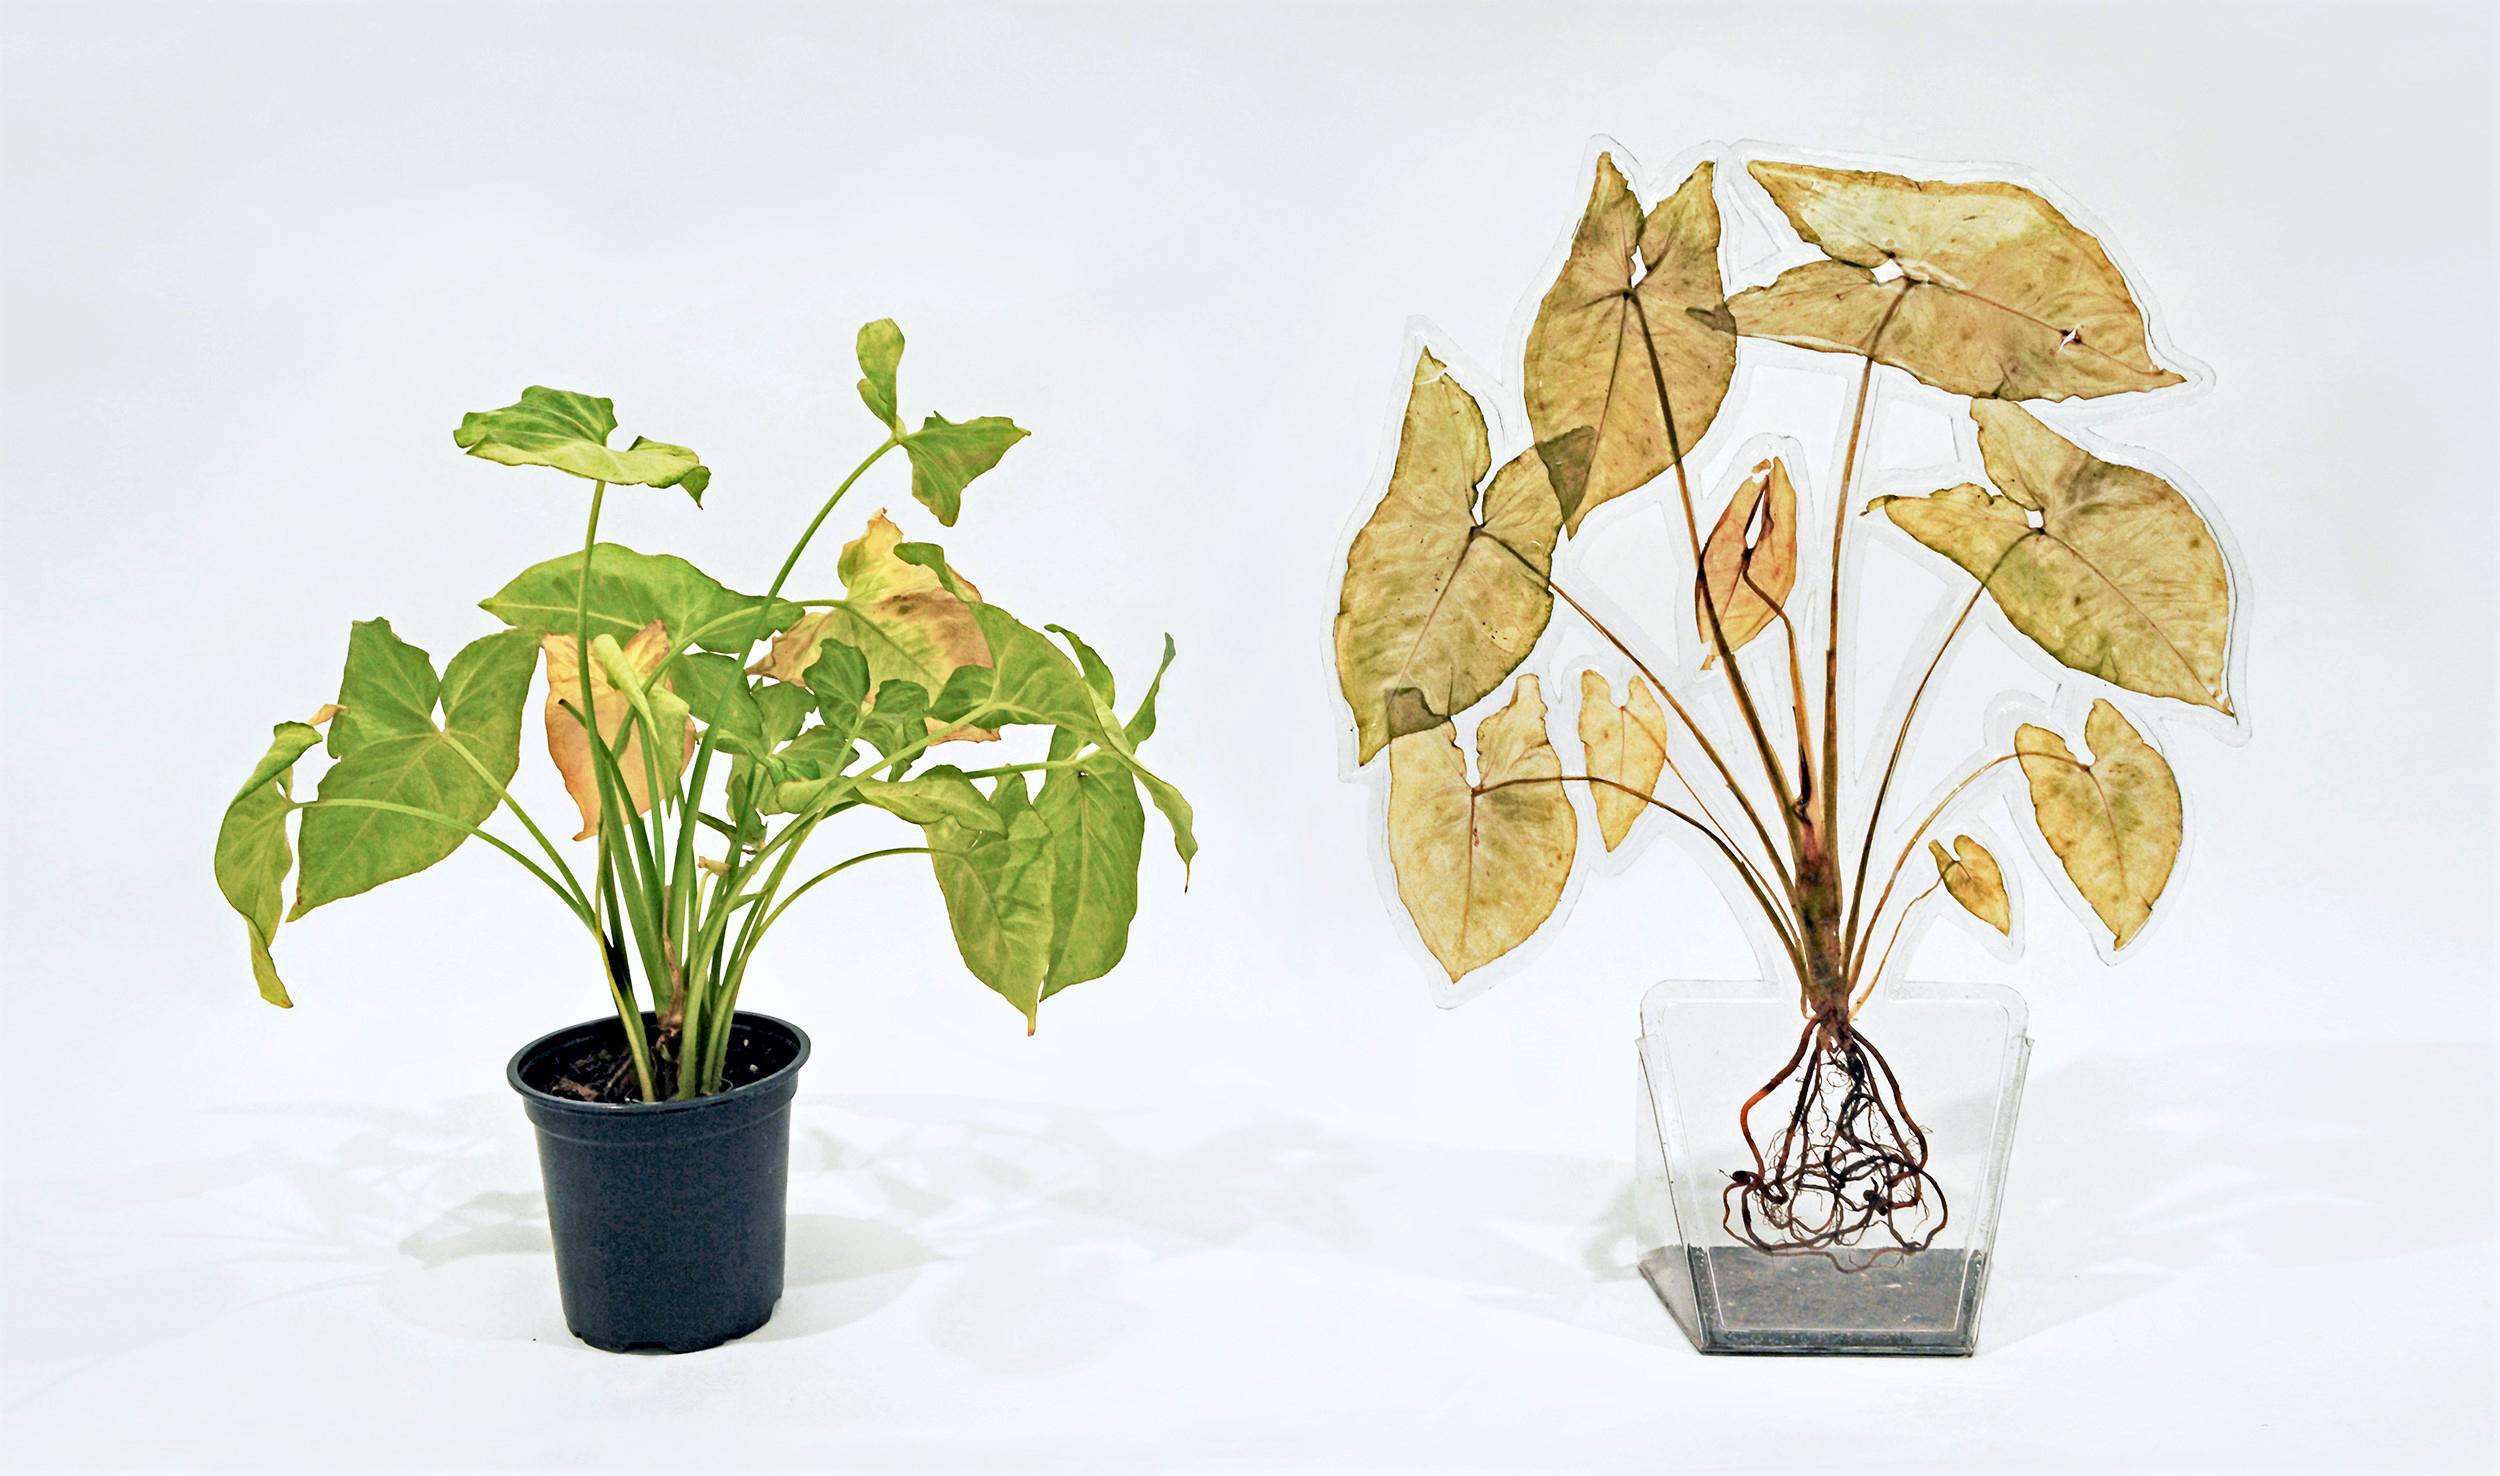 Arrowhead Plant (2017)